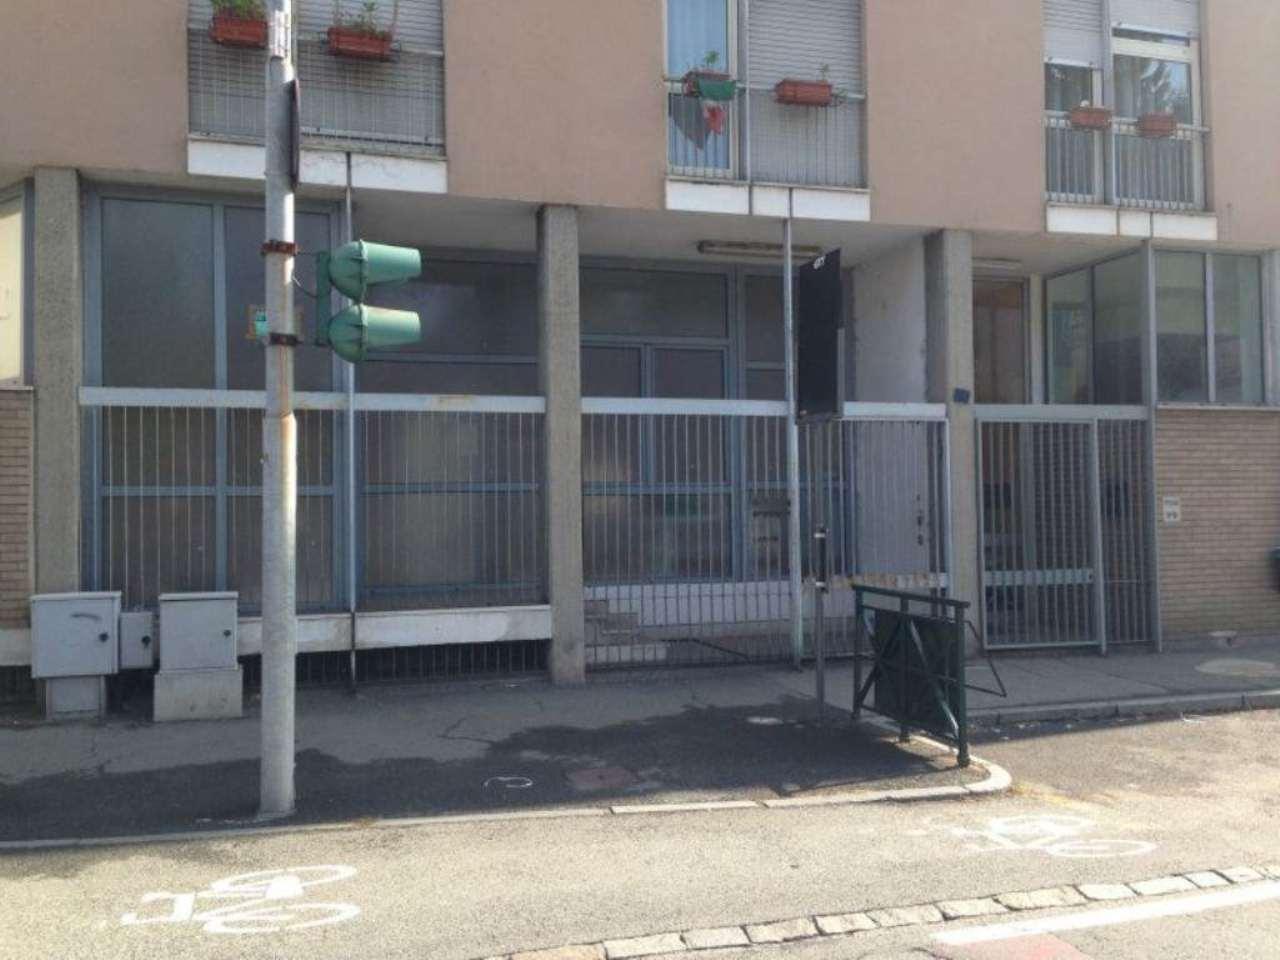 Negozio / Locale in affitto a Venaria Reale, 1 locali, prezzo € 1.200 | CambioCasa.it